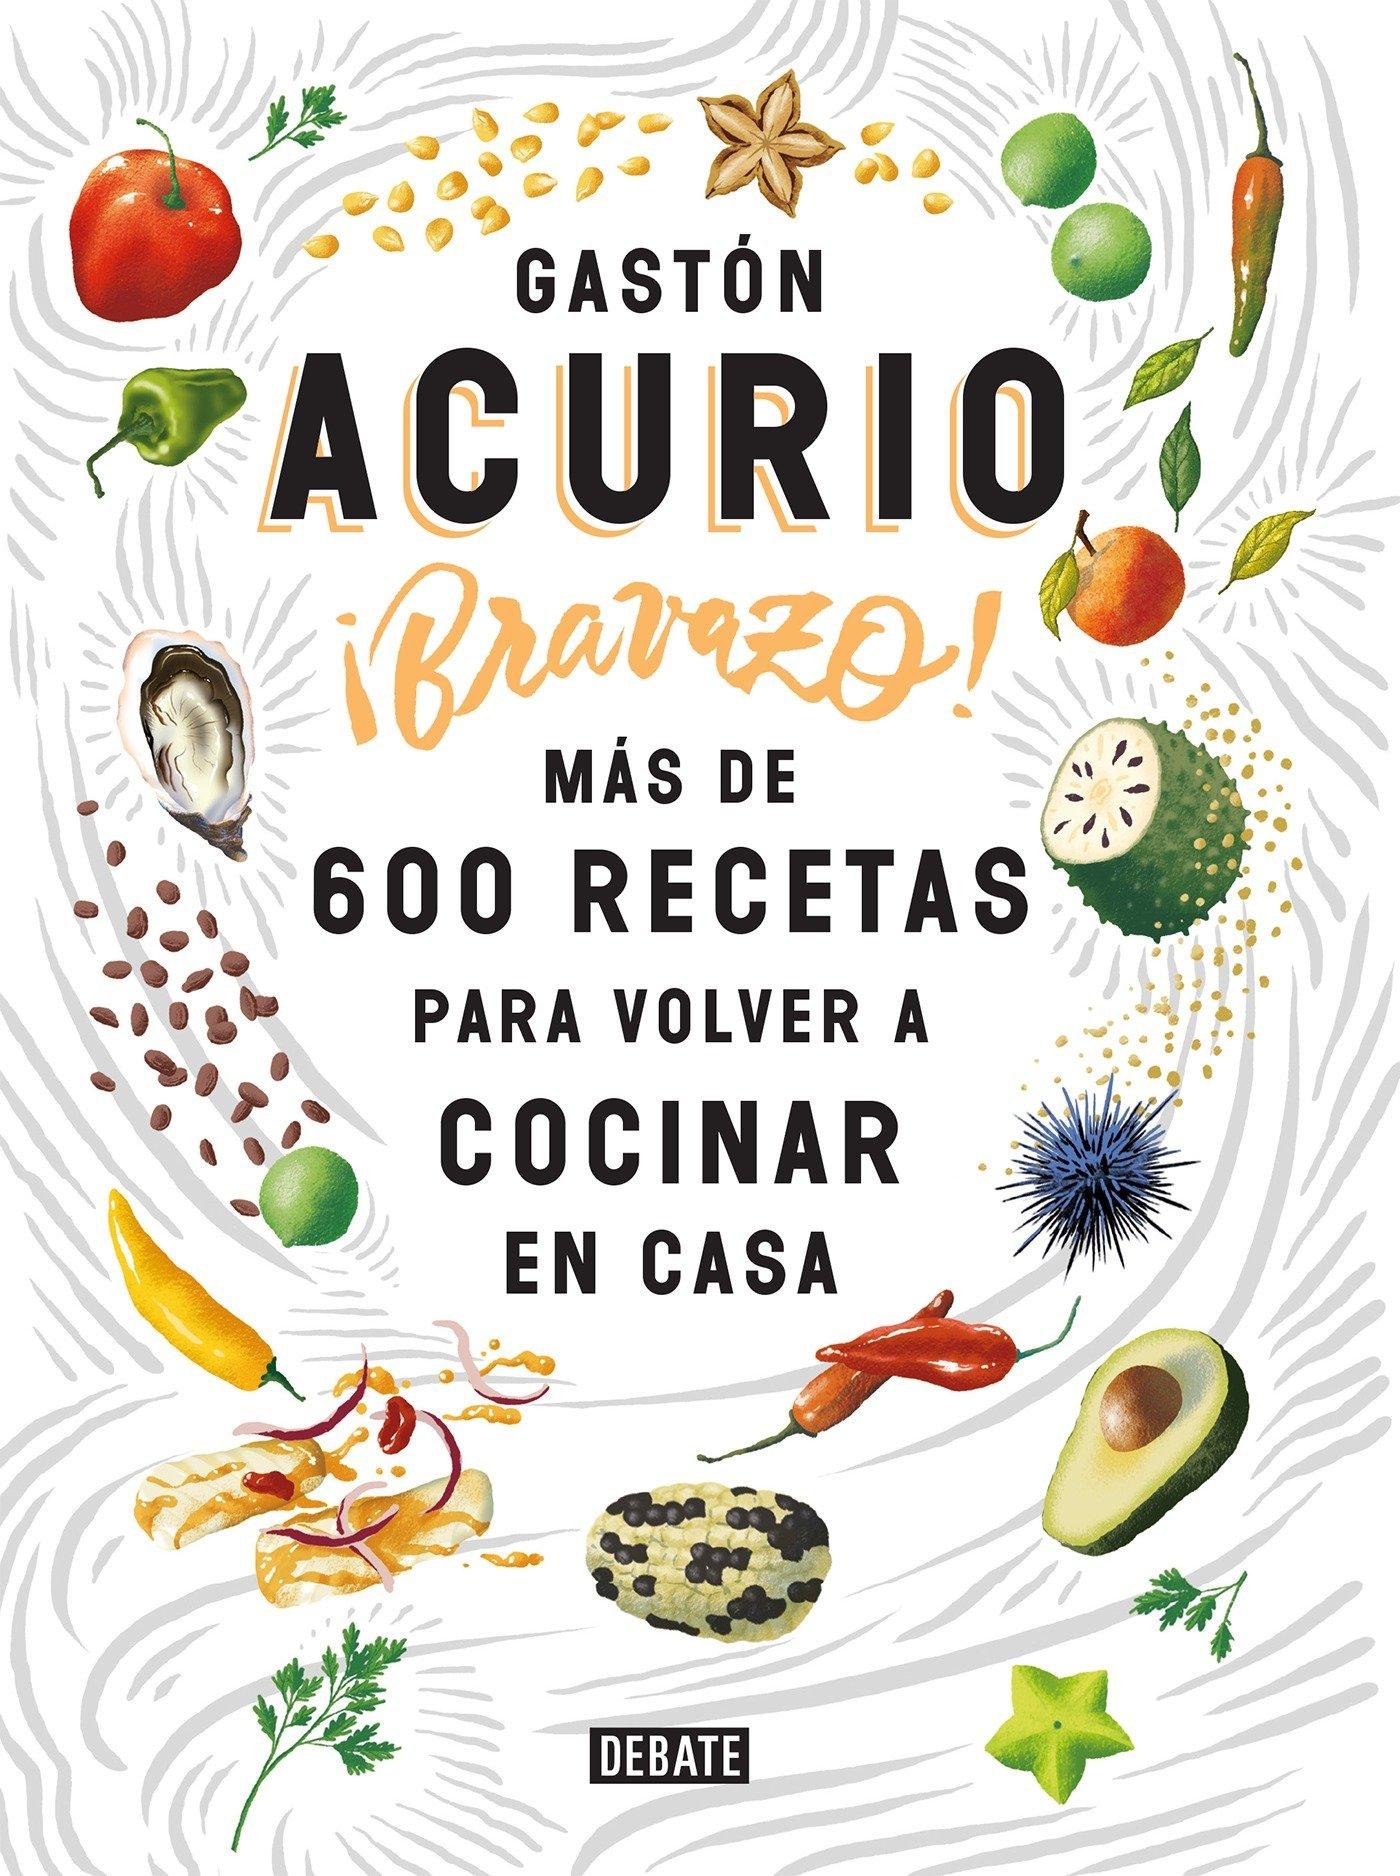 Bravazo   Exquisite  Más De 600 Recetas Para Cocinar En Casa